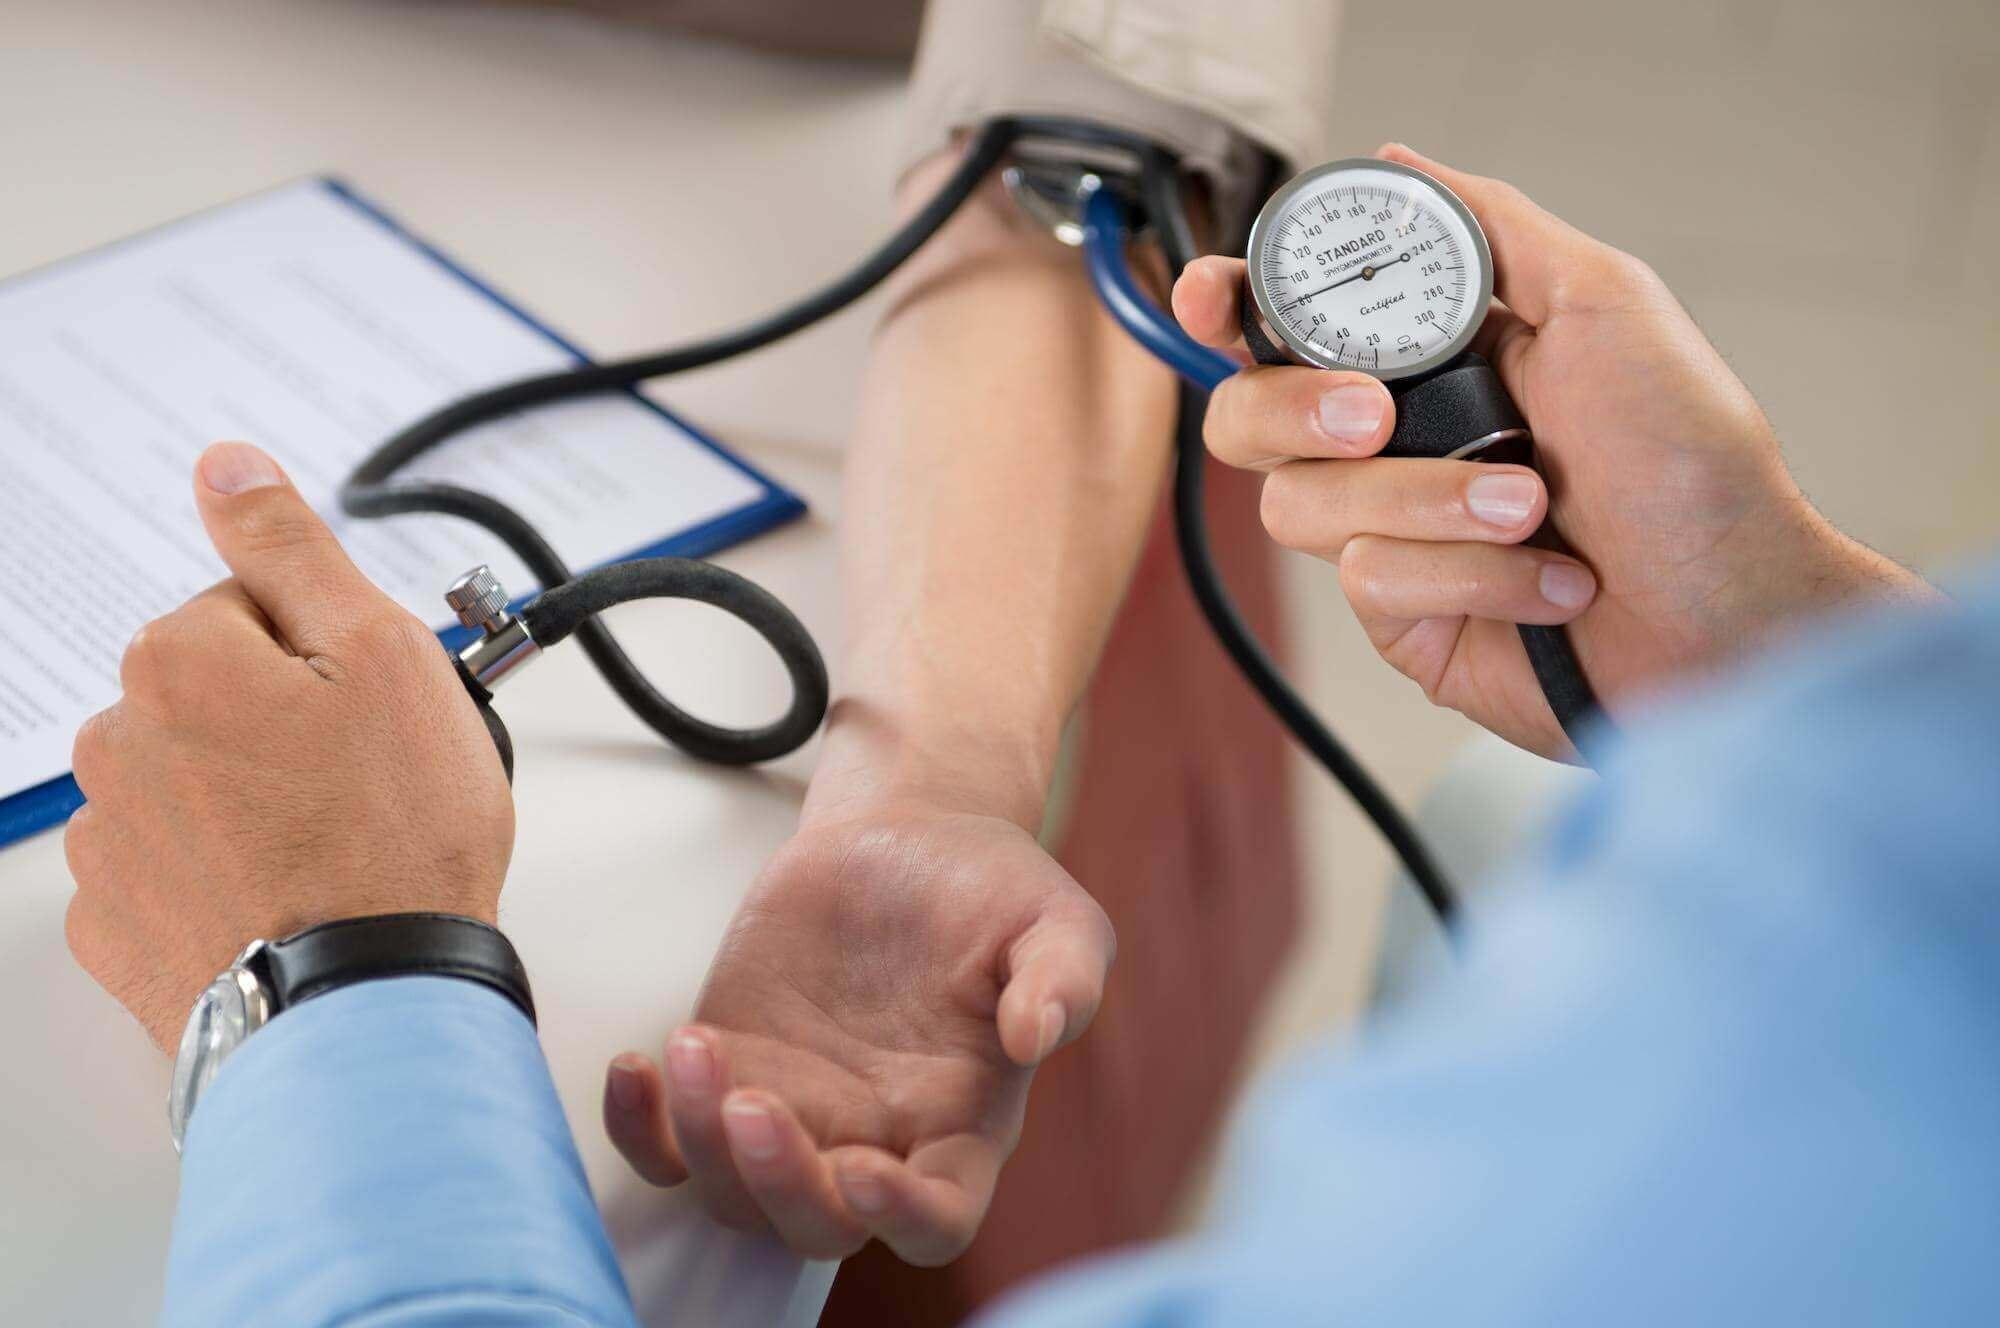 aldoszteron hipertónia 4 magas vérnyomás 2 kockázat